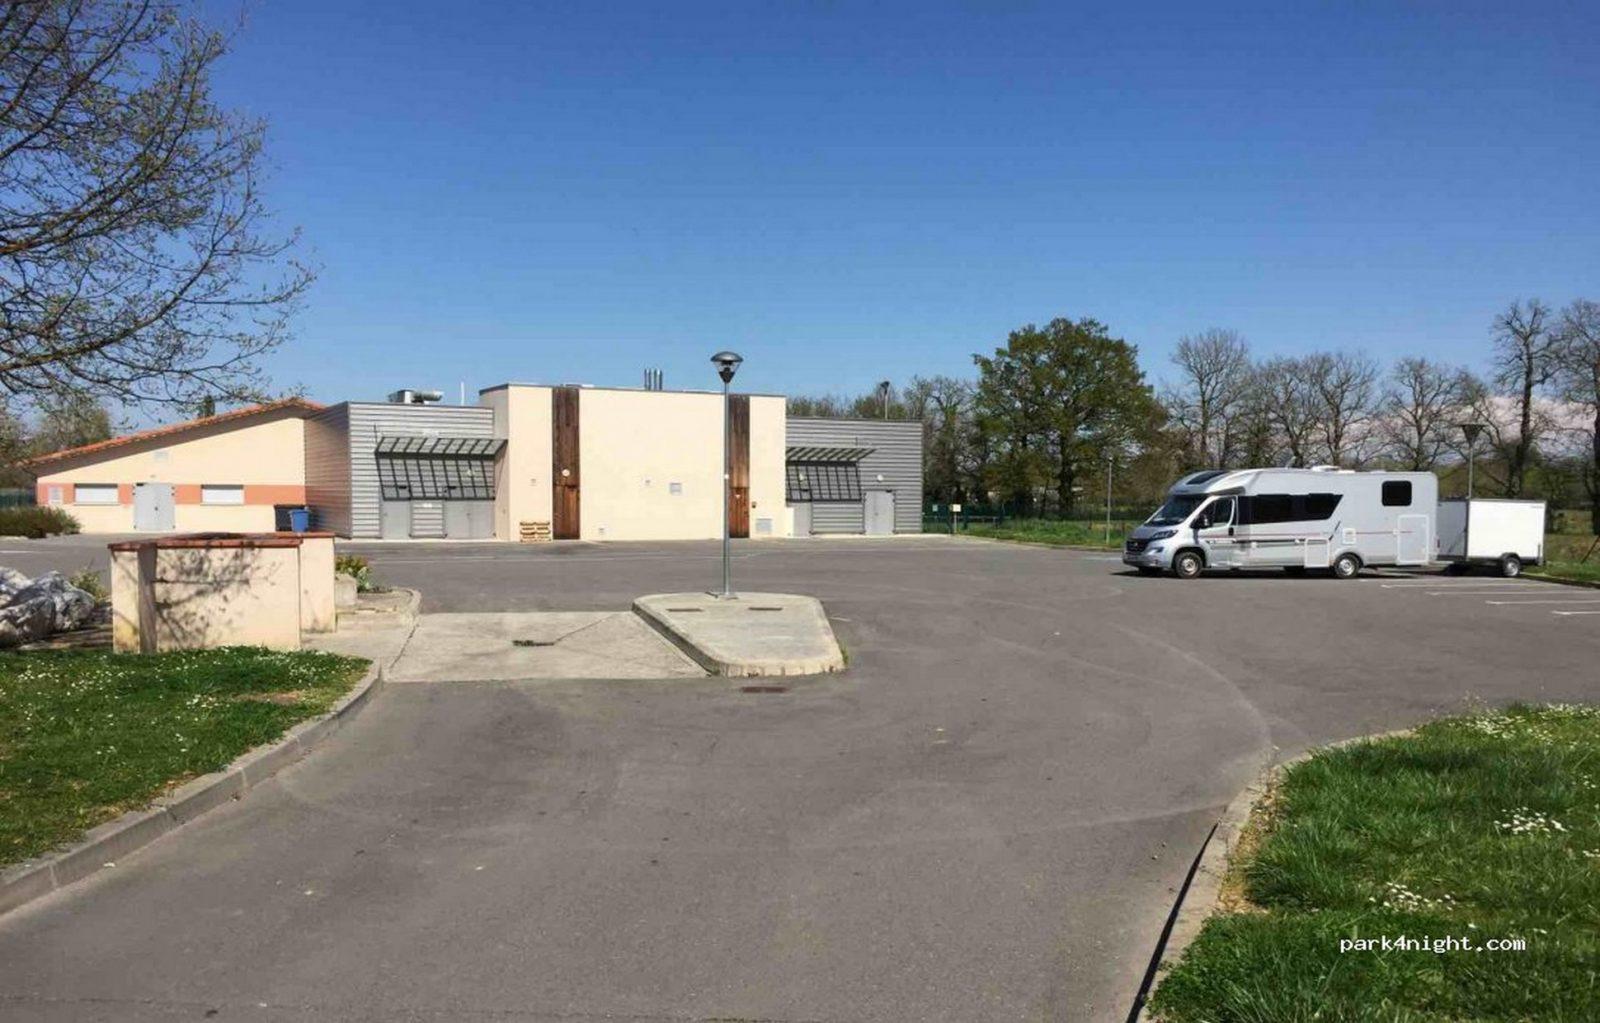 Borne de Services et Aire de Stationnement Camping-Car de Lavaur